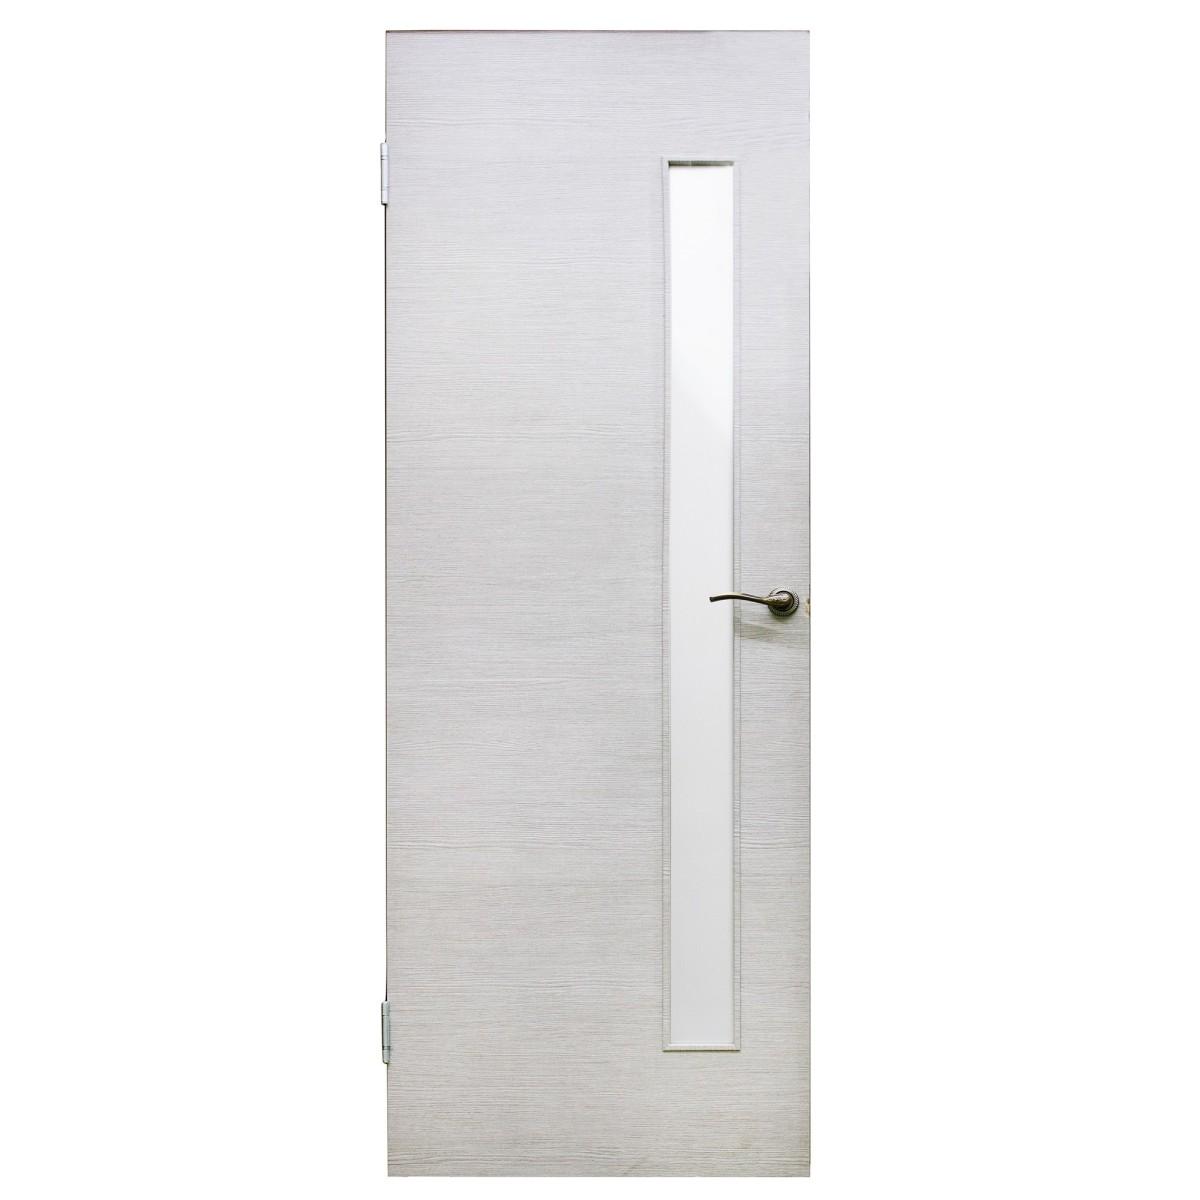 Дверь межкомнатная остеклённая Эклипс 80x200 см цвет серый дуб